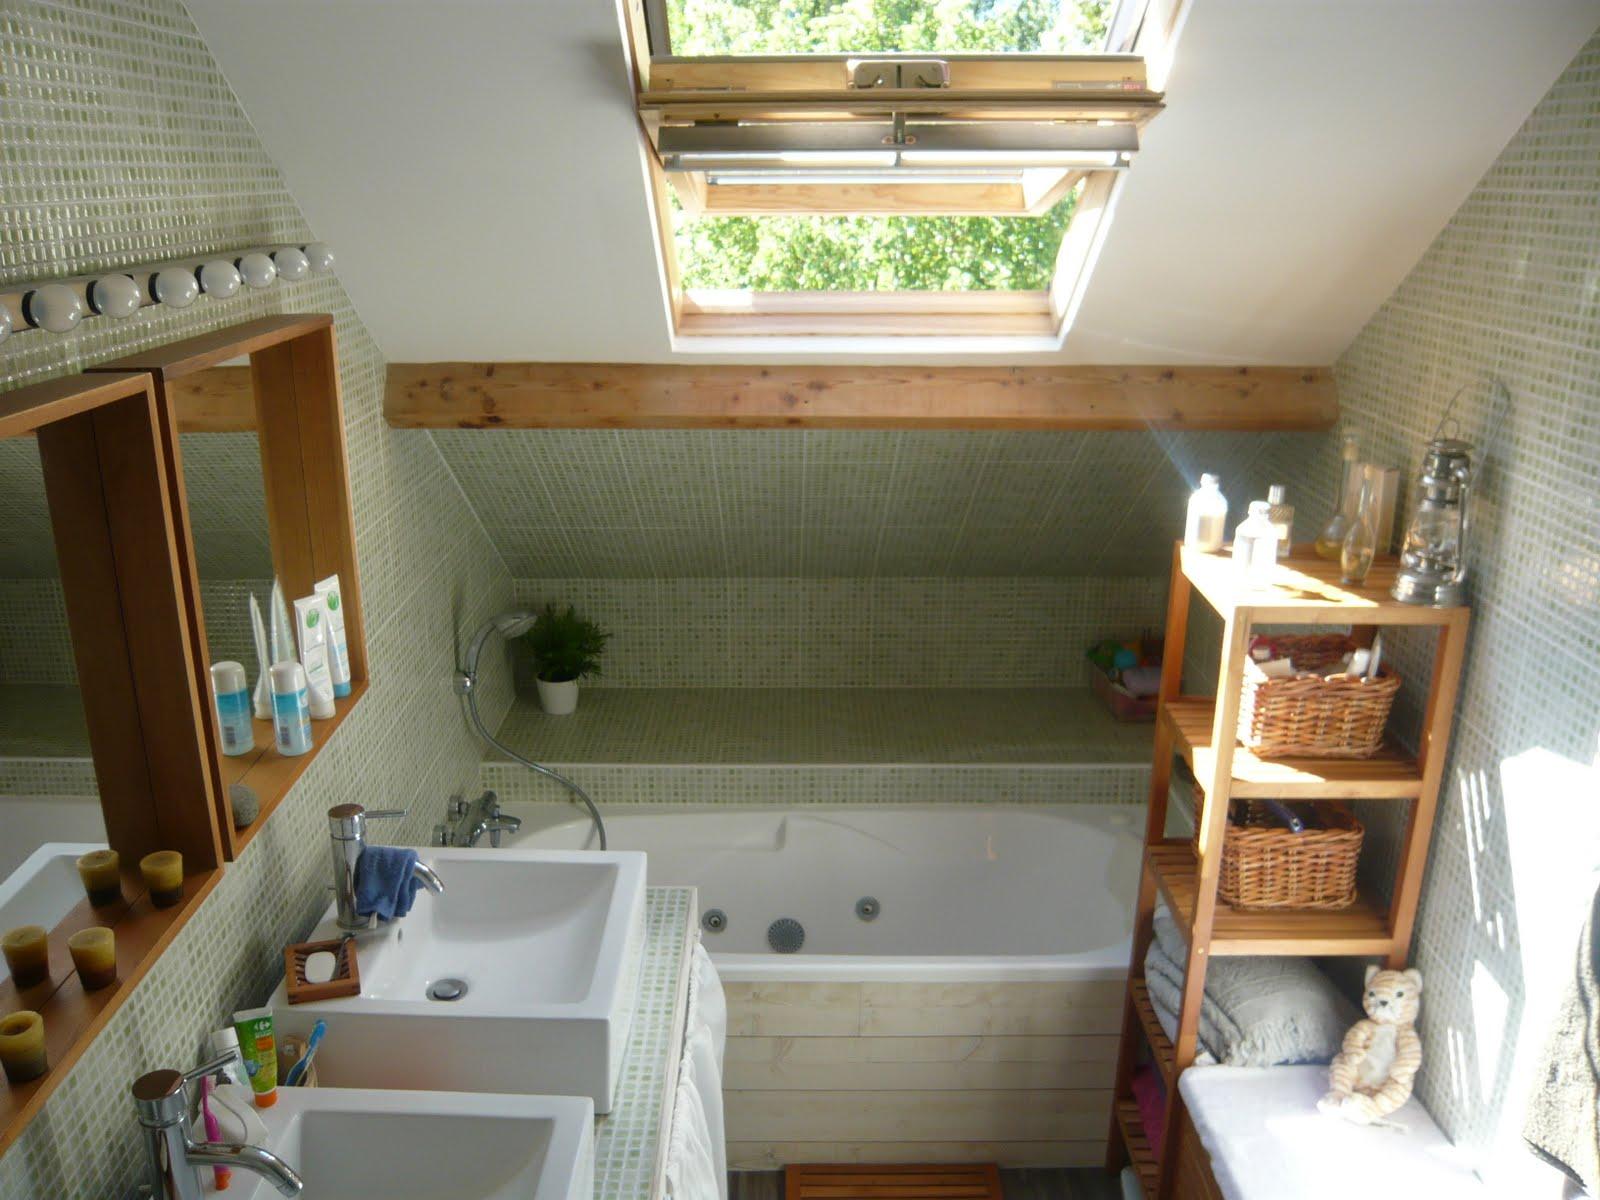 menuiserie fx une salle de bain cr e dans des combles. Black Bedroom Furniture Sets. Home Design Ideas